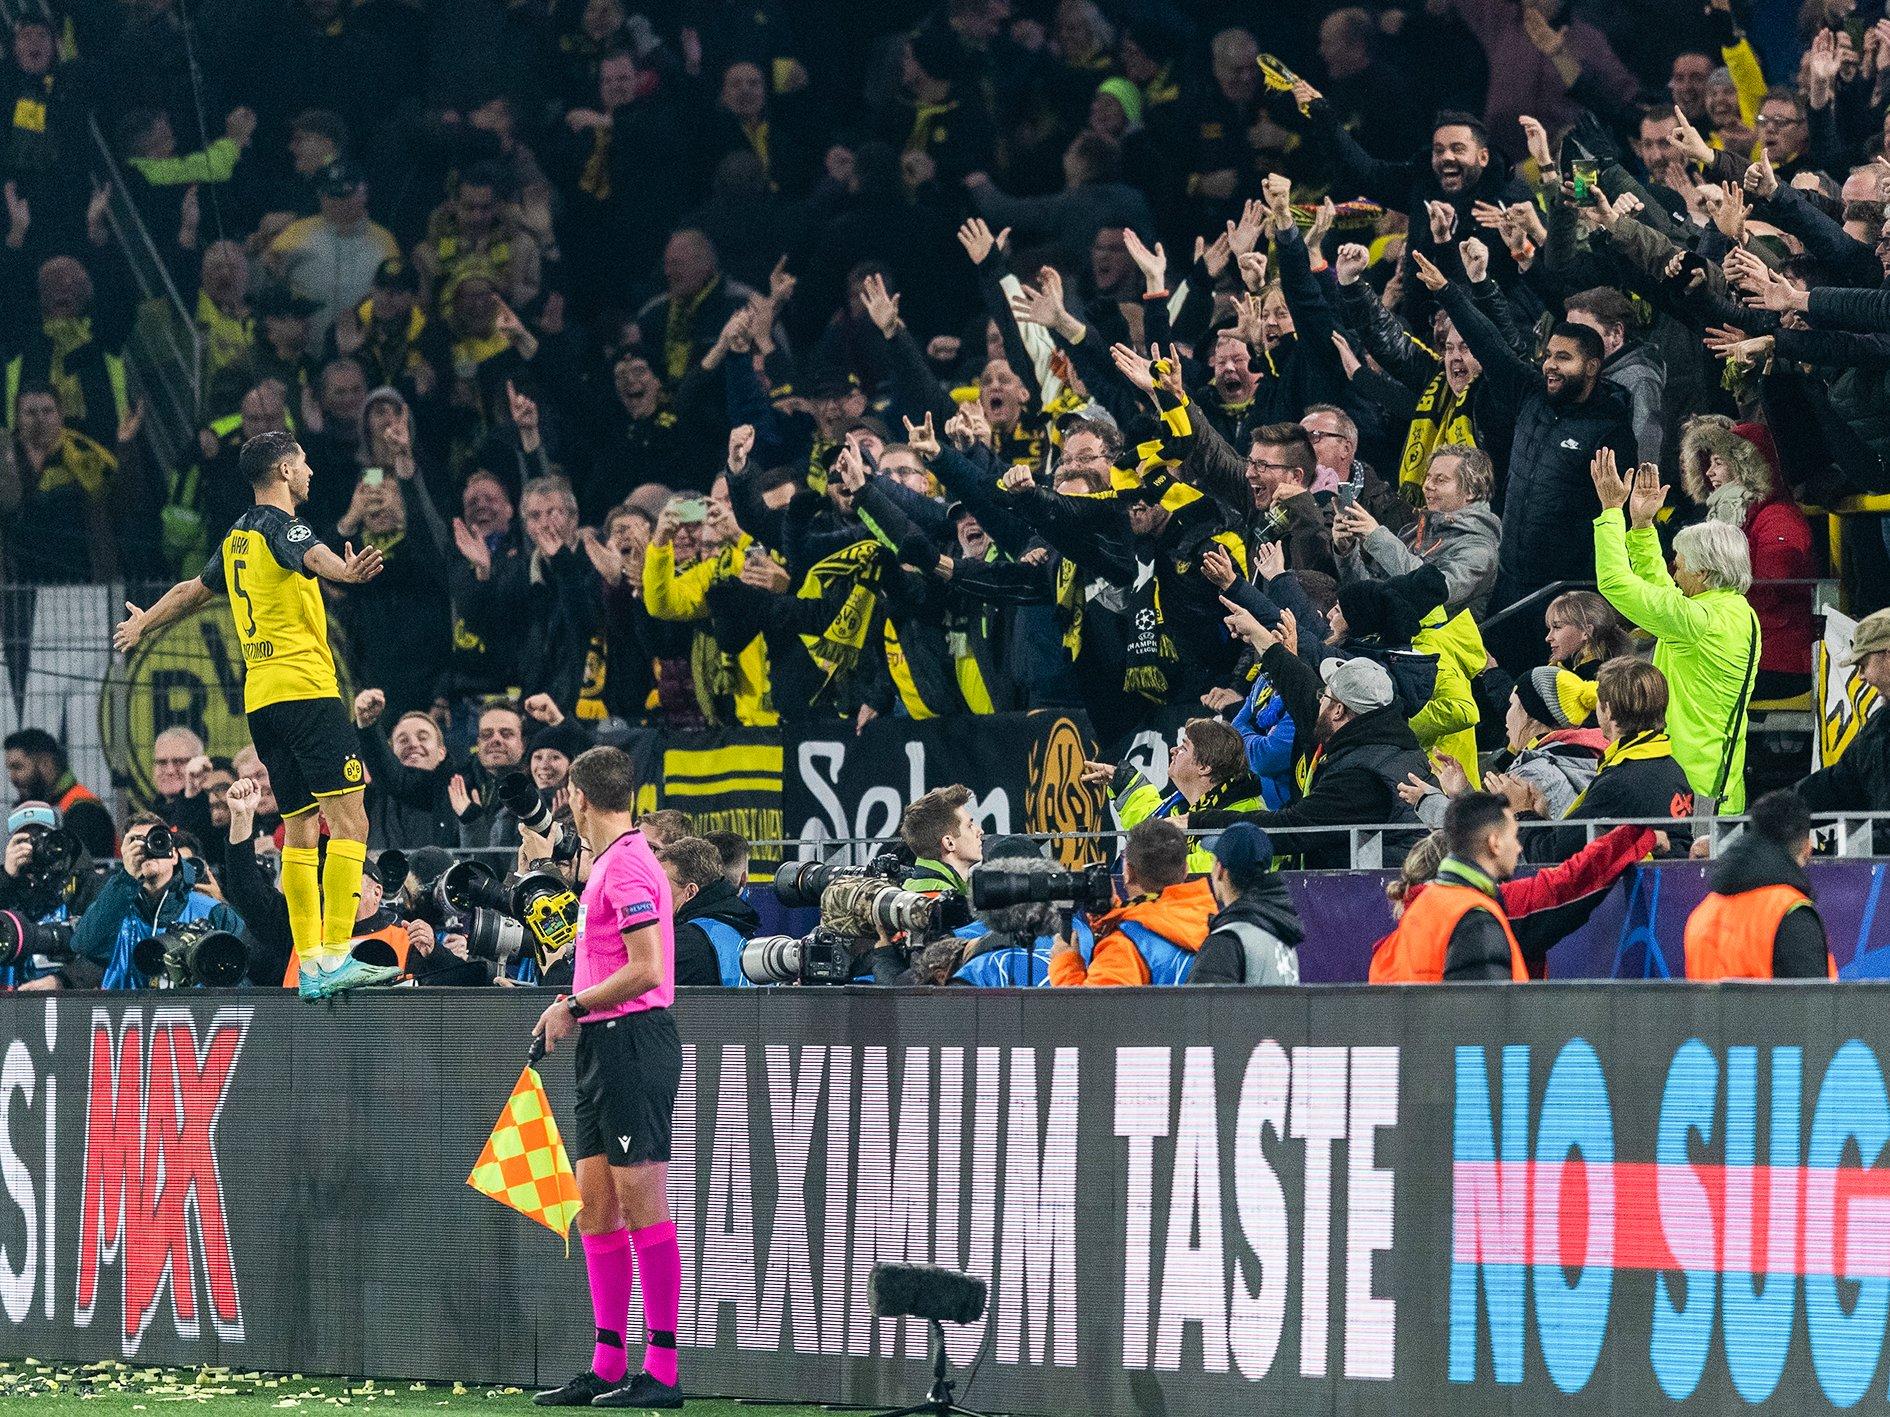 دورتموند-اینتر-لیگ-قهرمانان-اروپا-dortmund